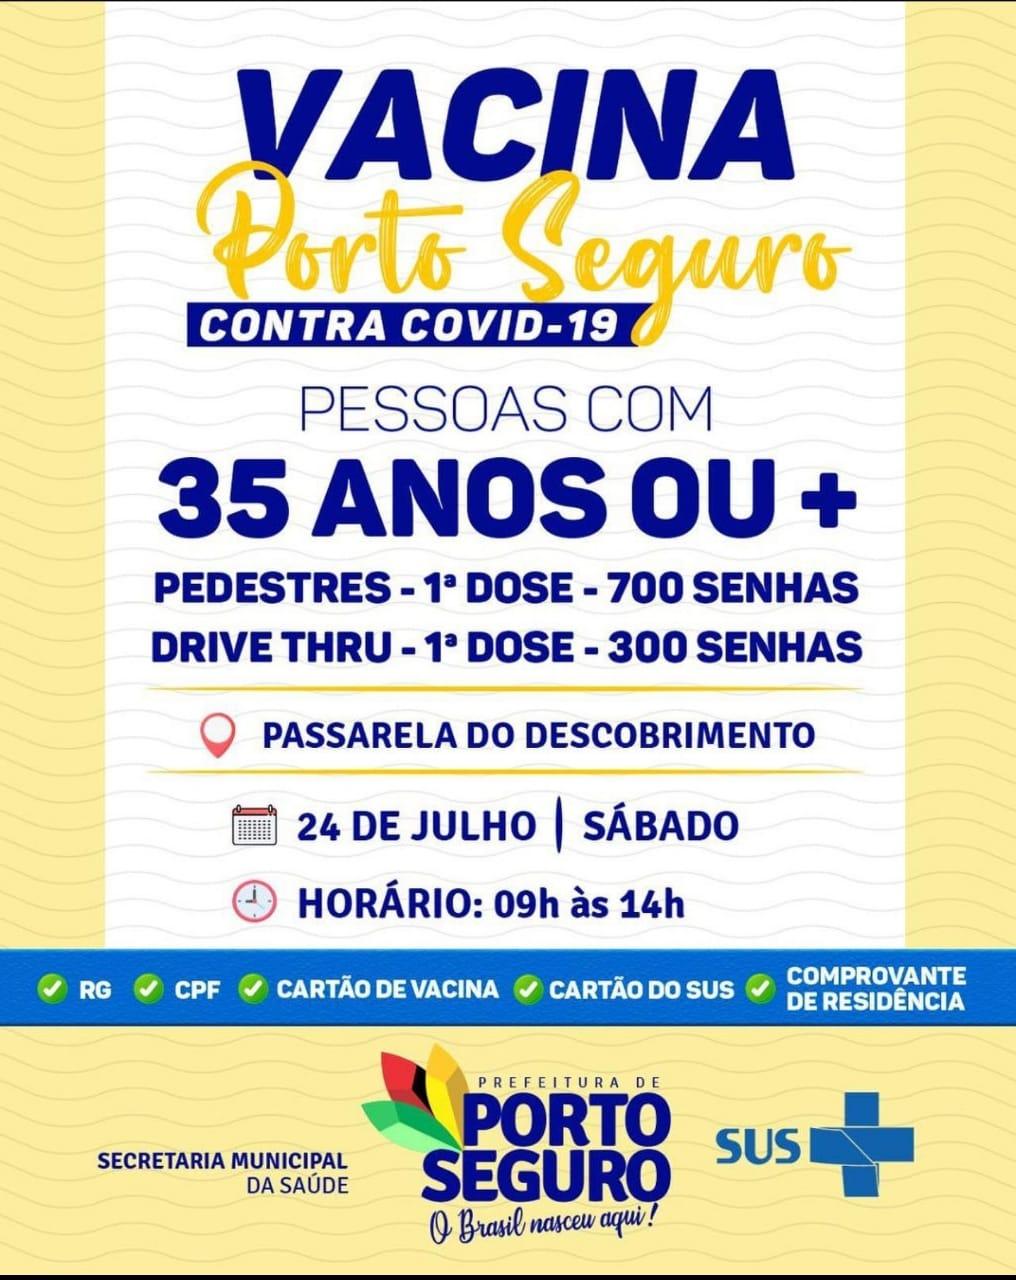 Vacina Porto Seguro contra Covid-19; cronograma de vacinação de 24 de julho 21